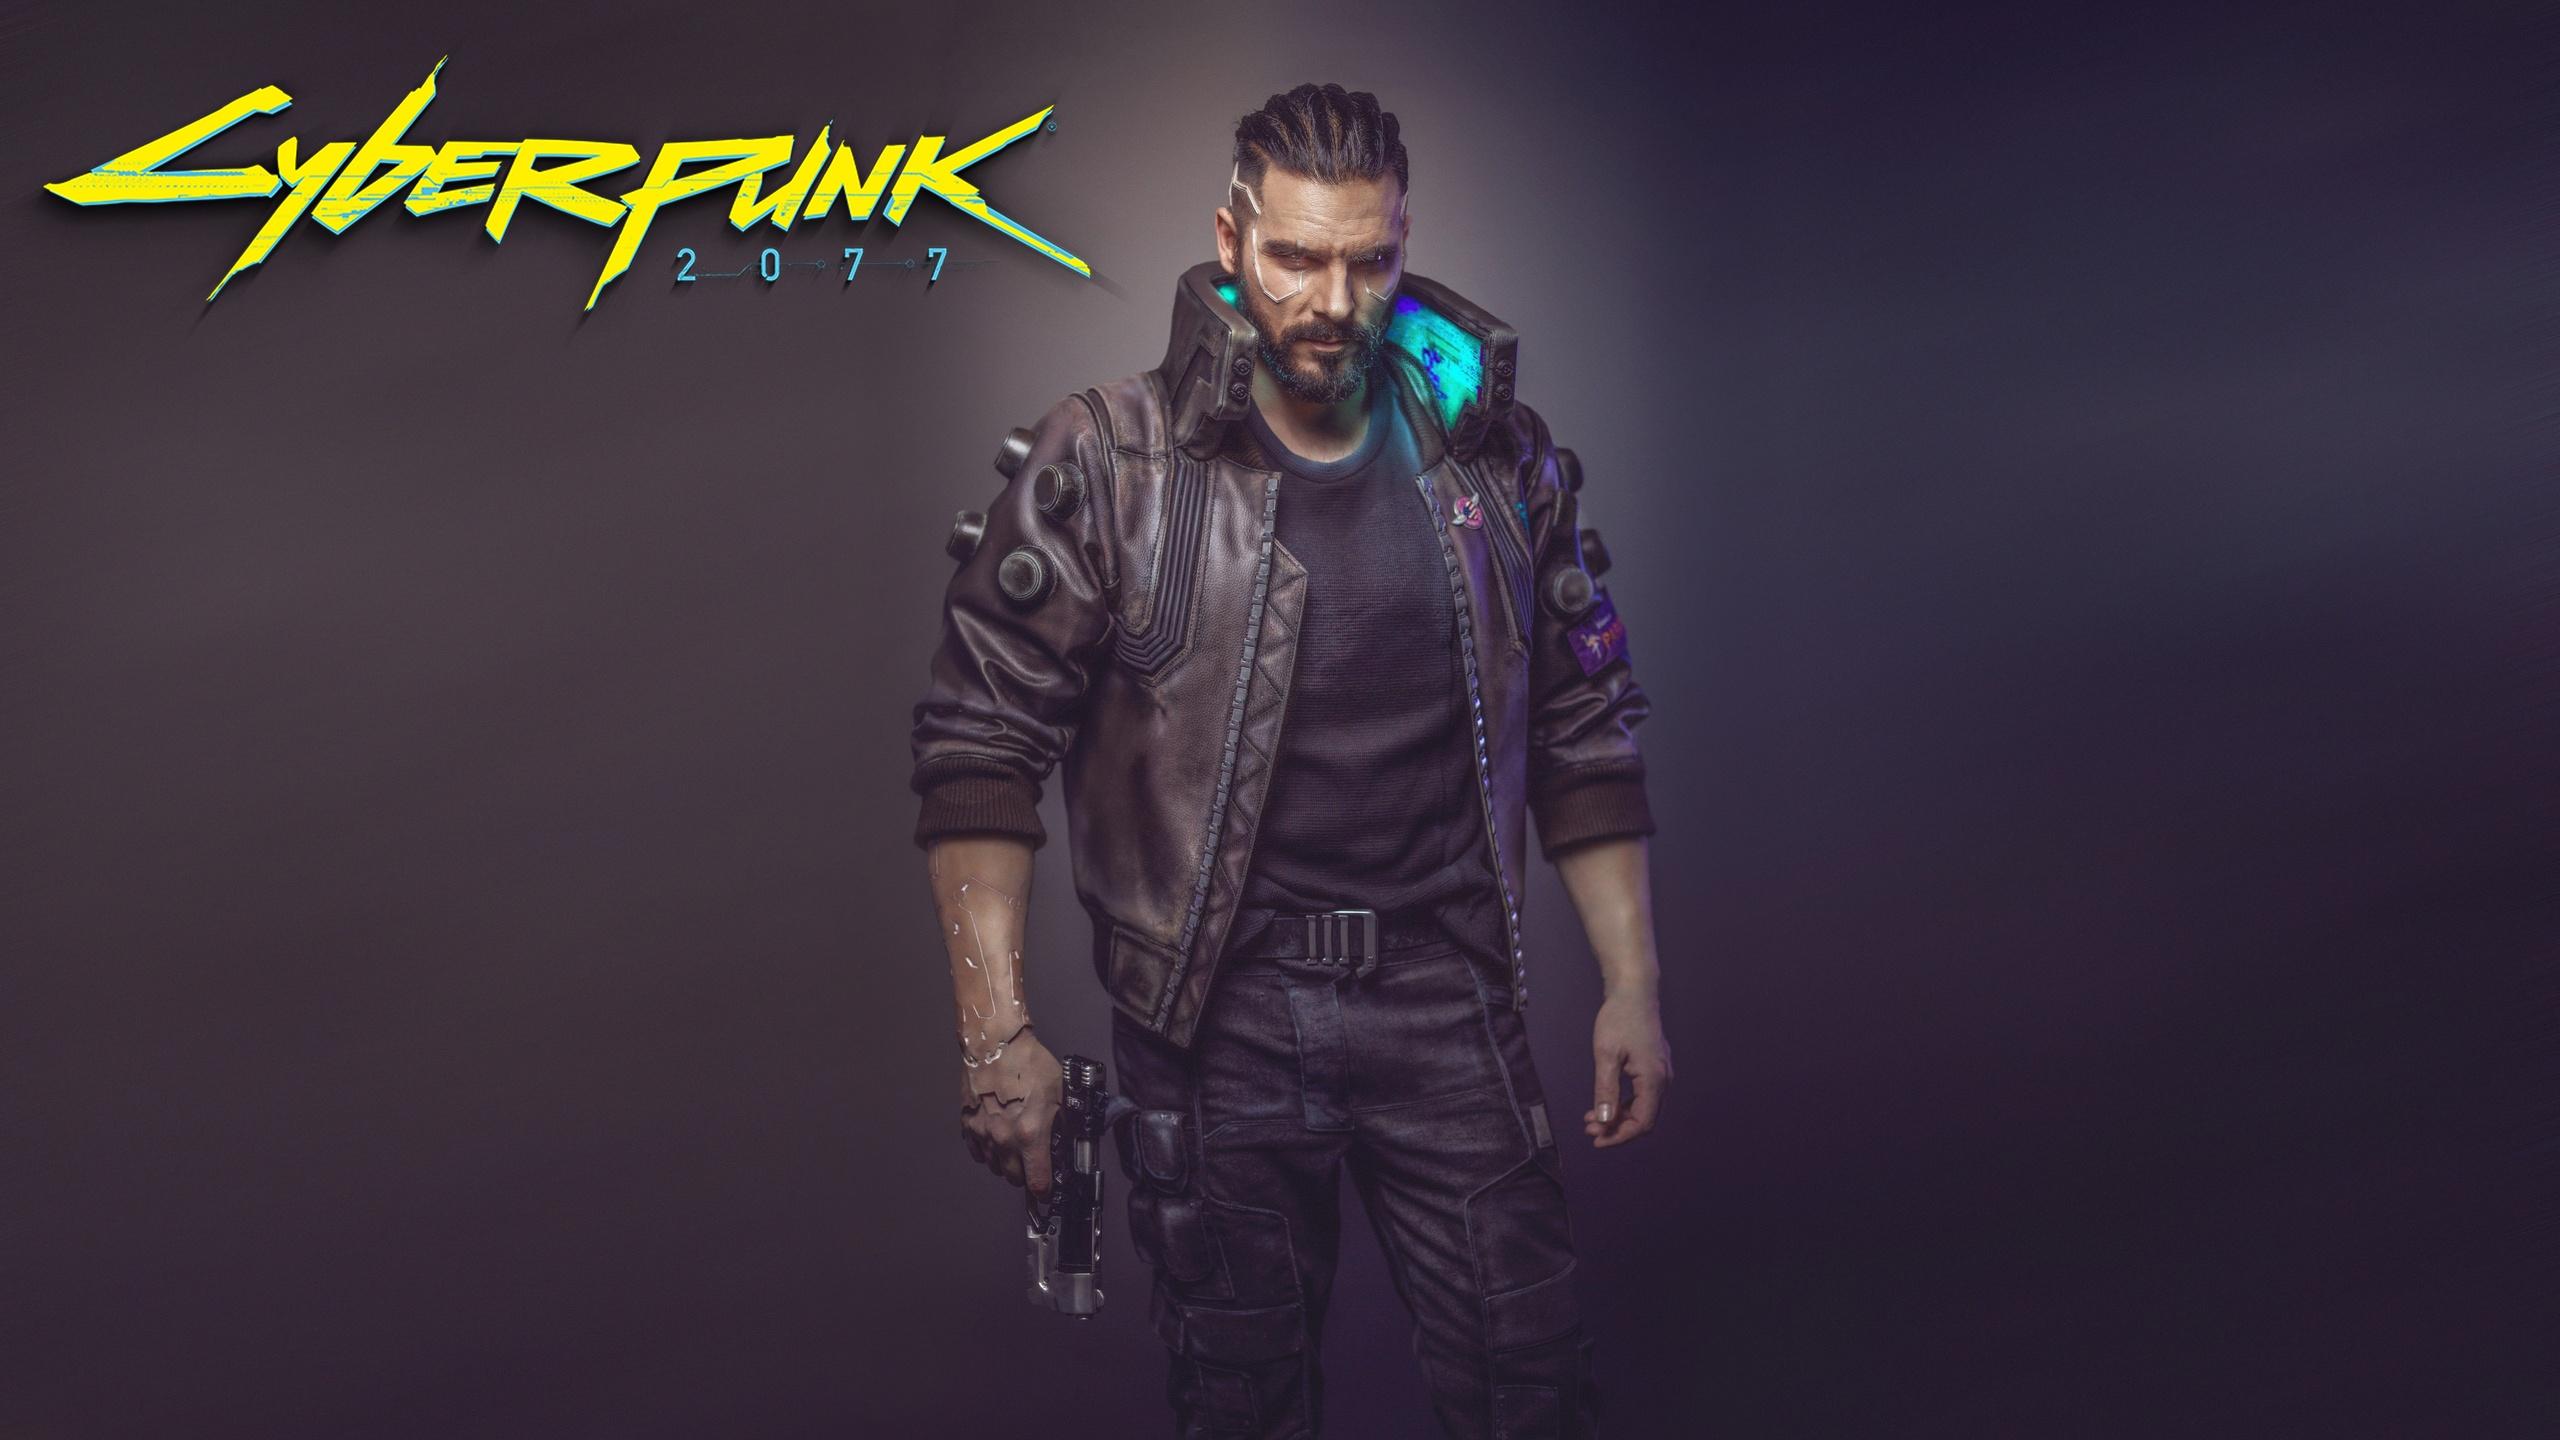 cyberpunk-2077-cosplay-8k-4p.jpg